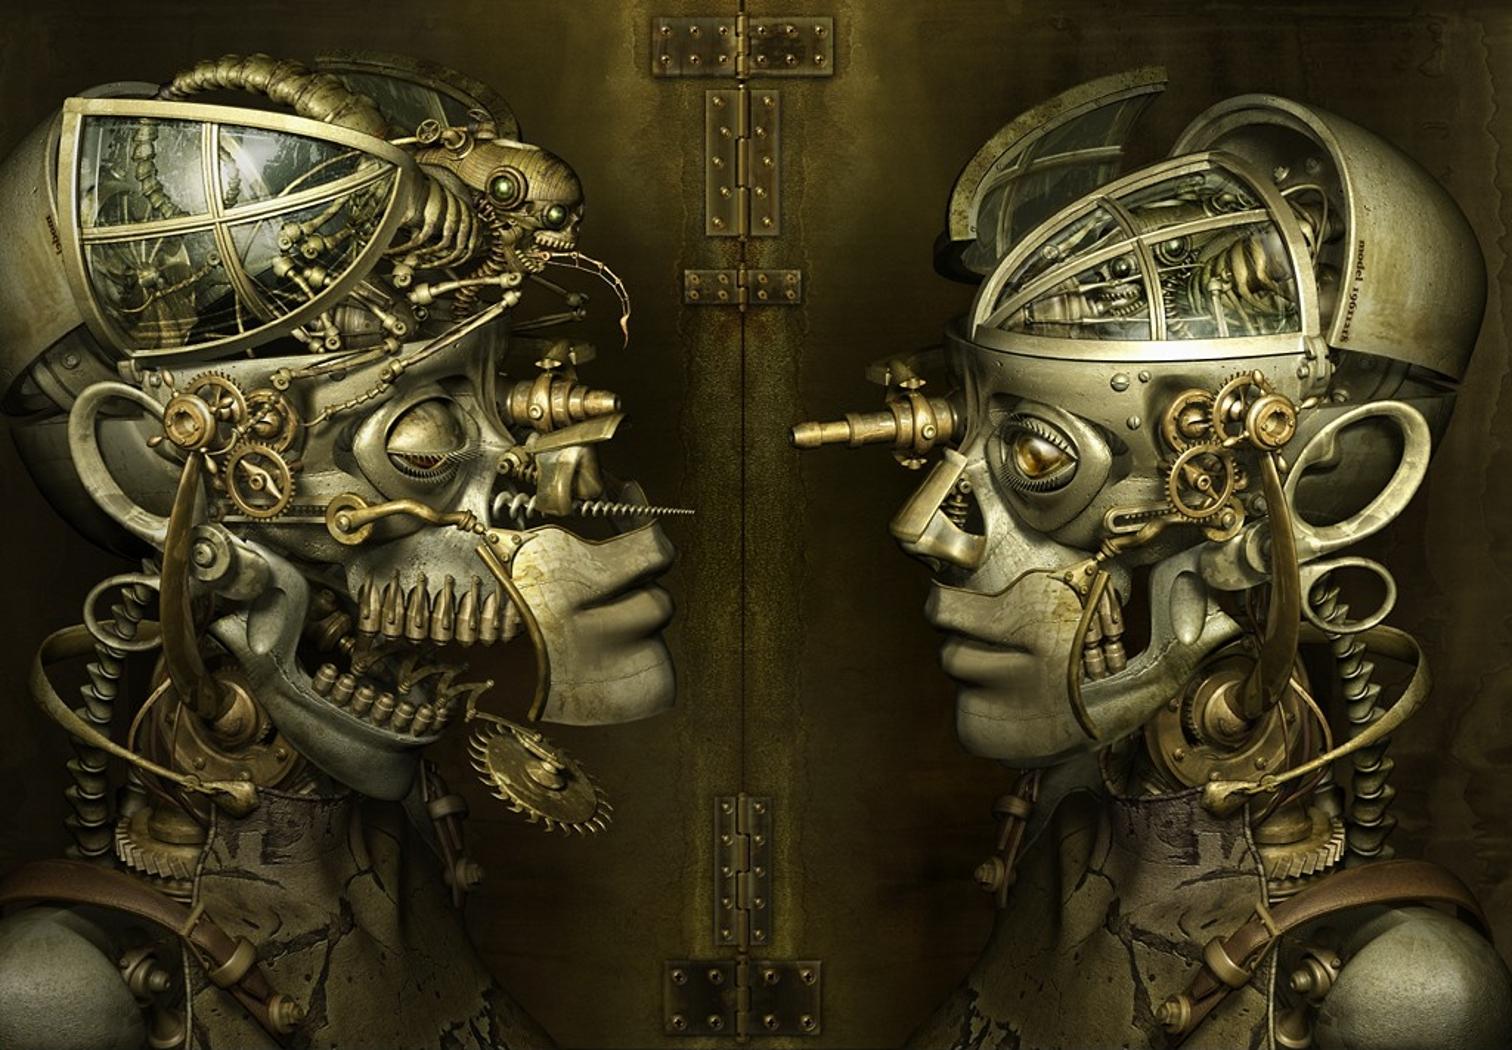 Mechanical Gears Wallpaper - WallpaperSafari